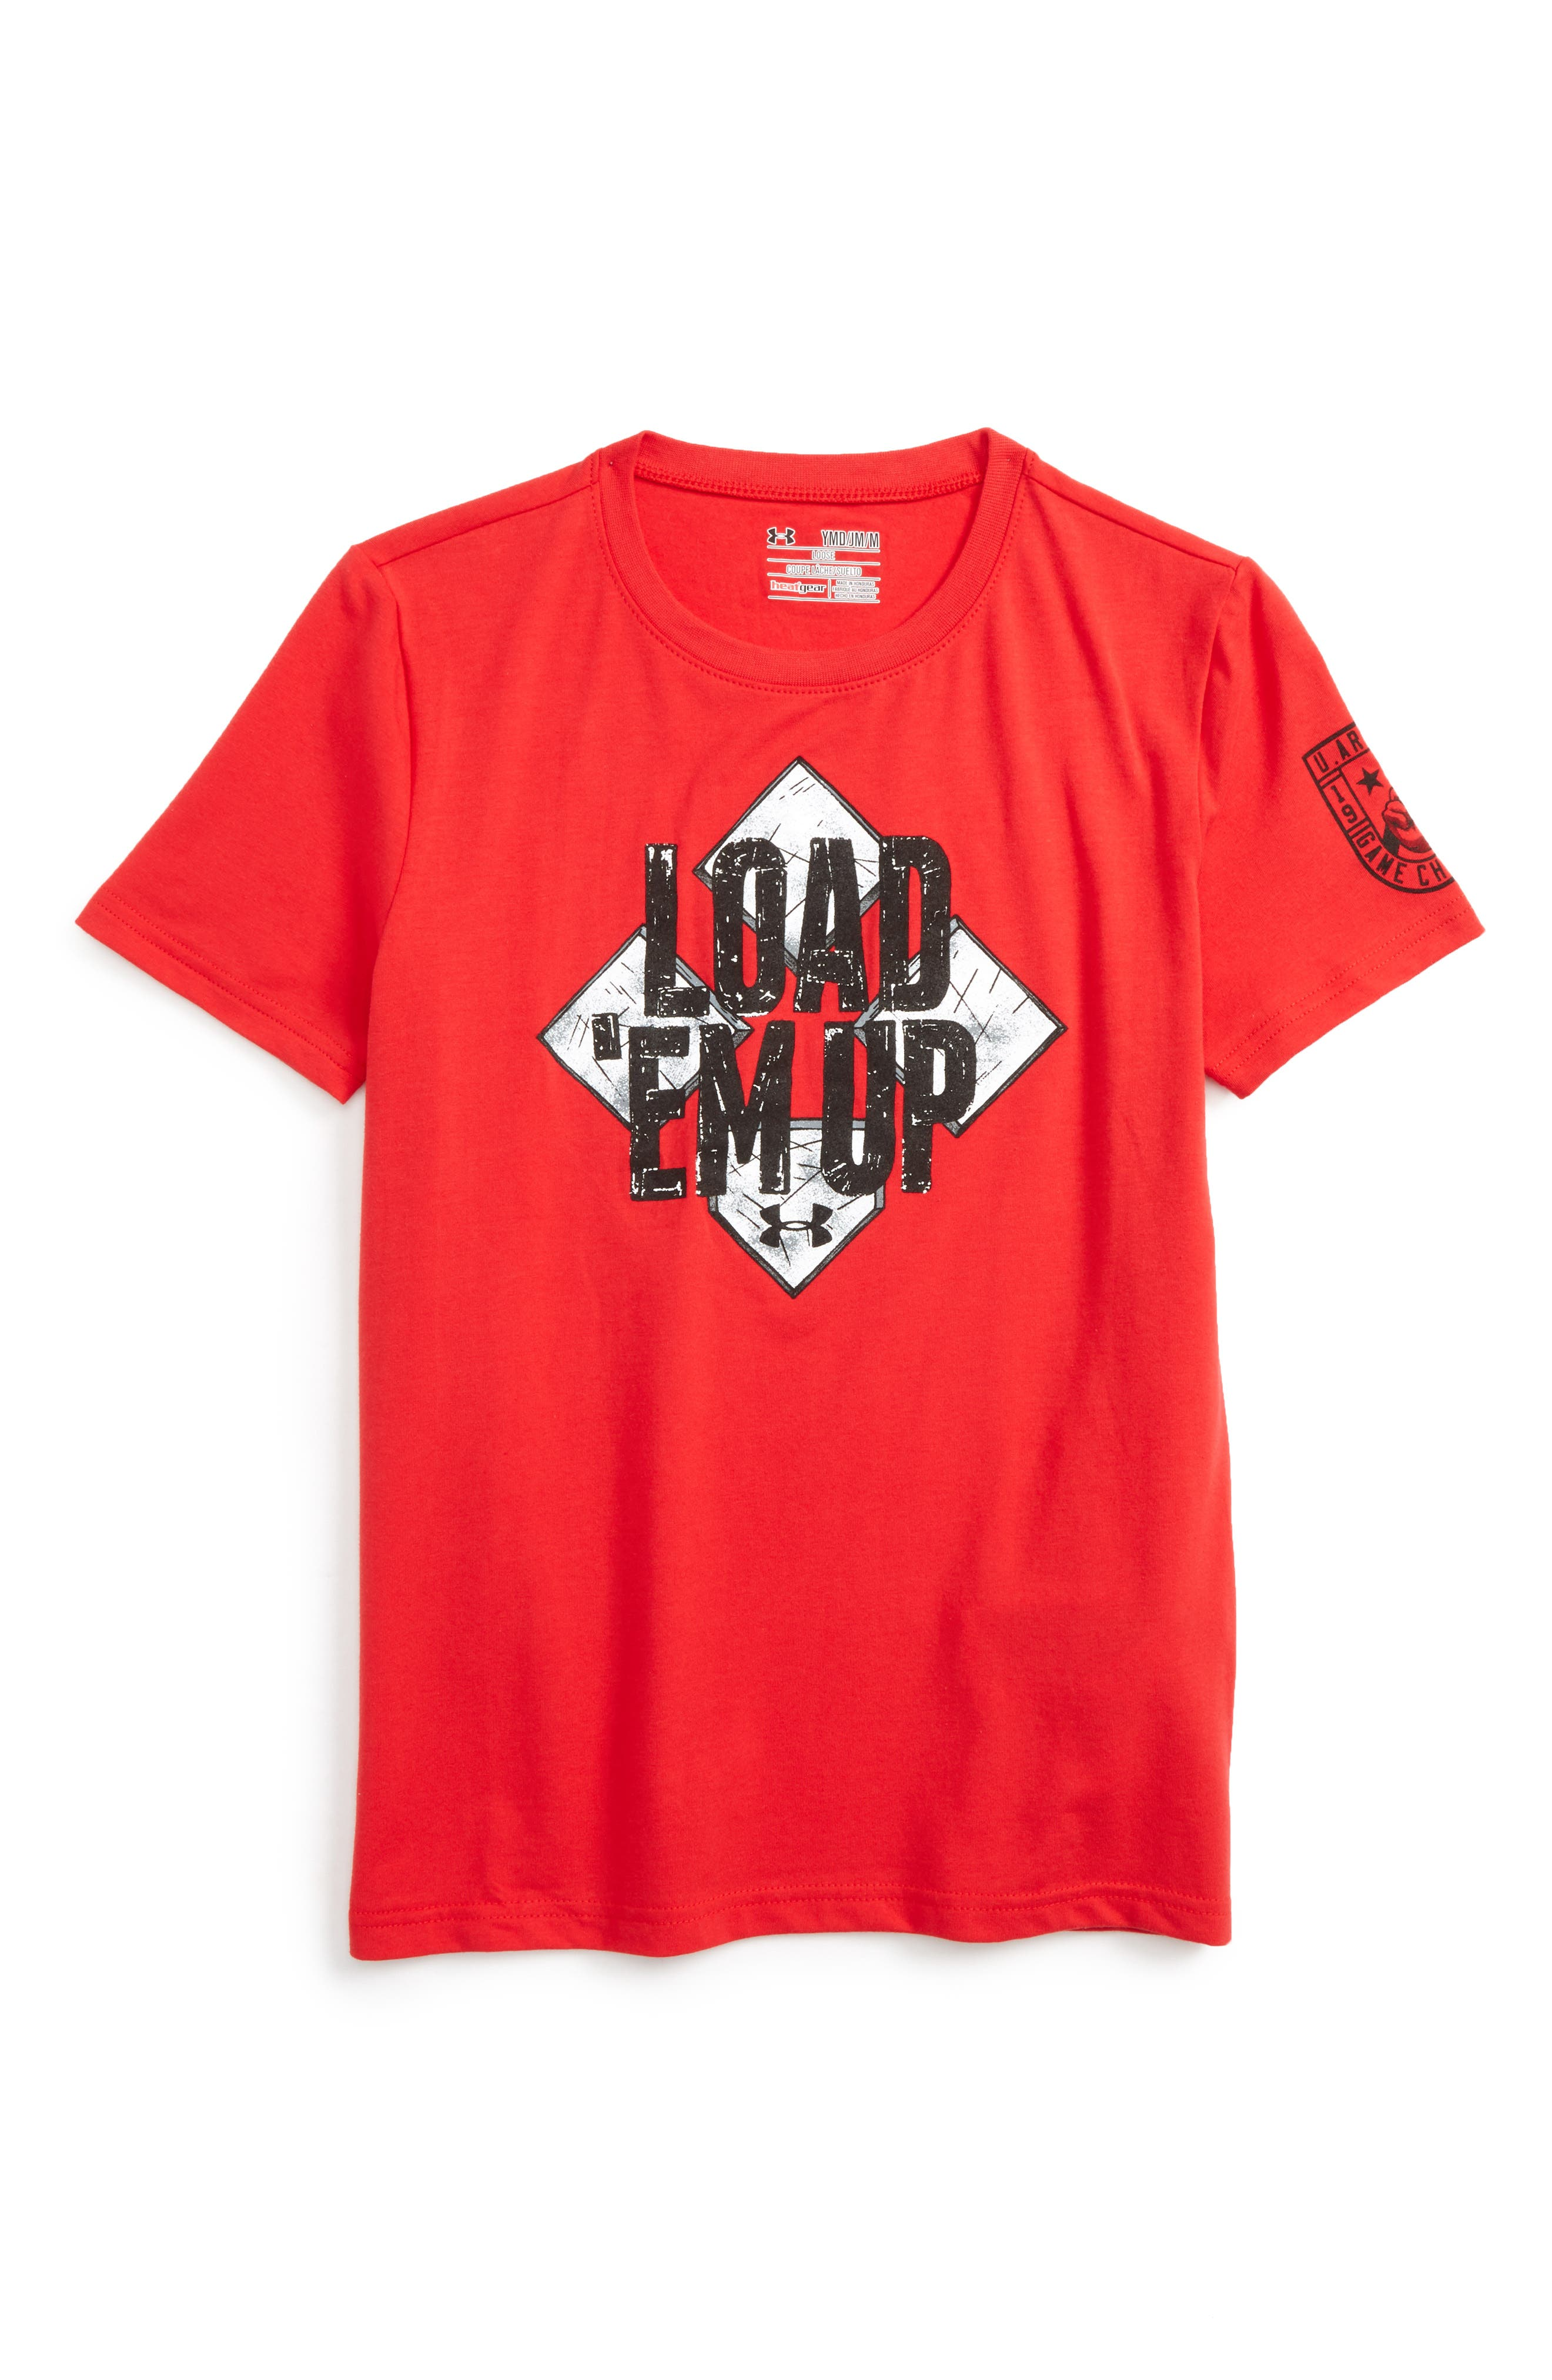 Under Armour Bases Loaded HeatGear® T-Shirt (Little Boys & Big Boys)